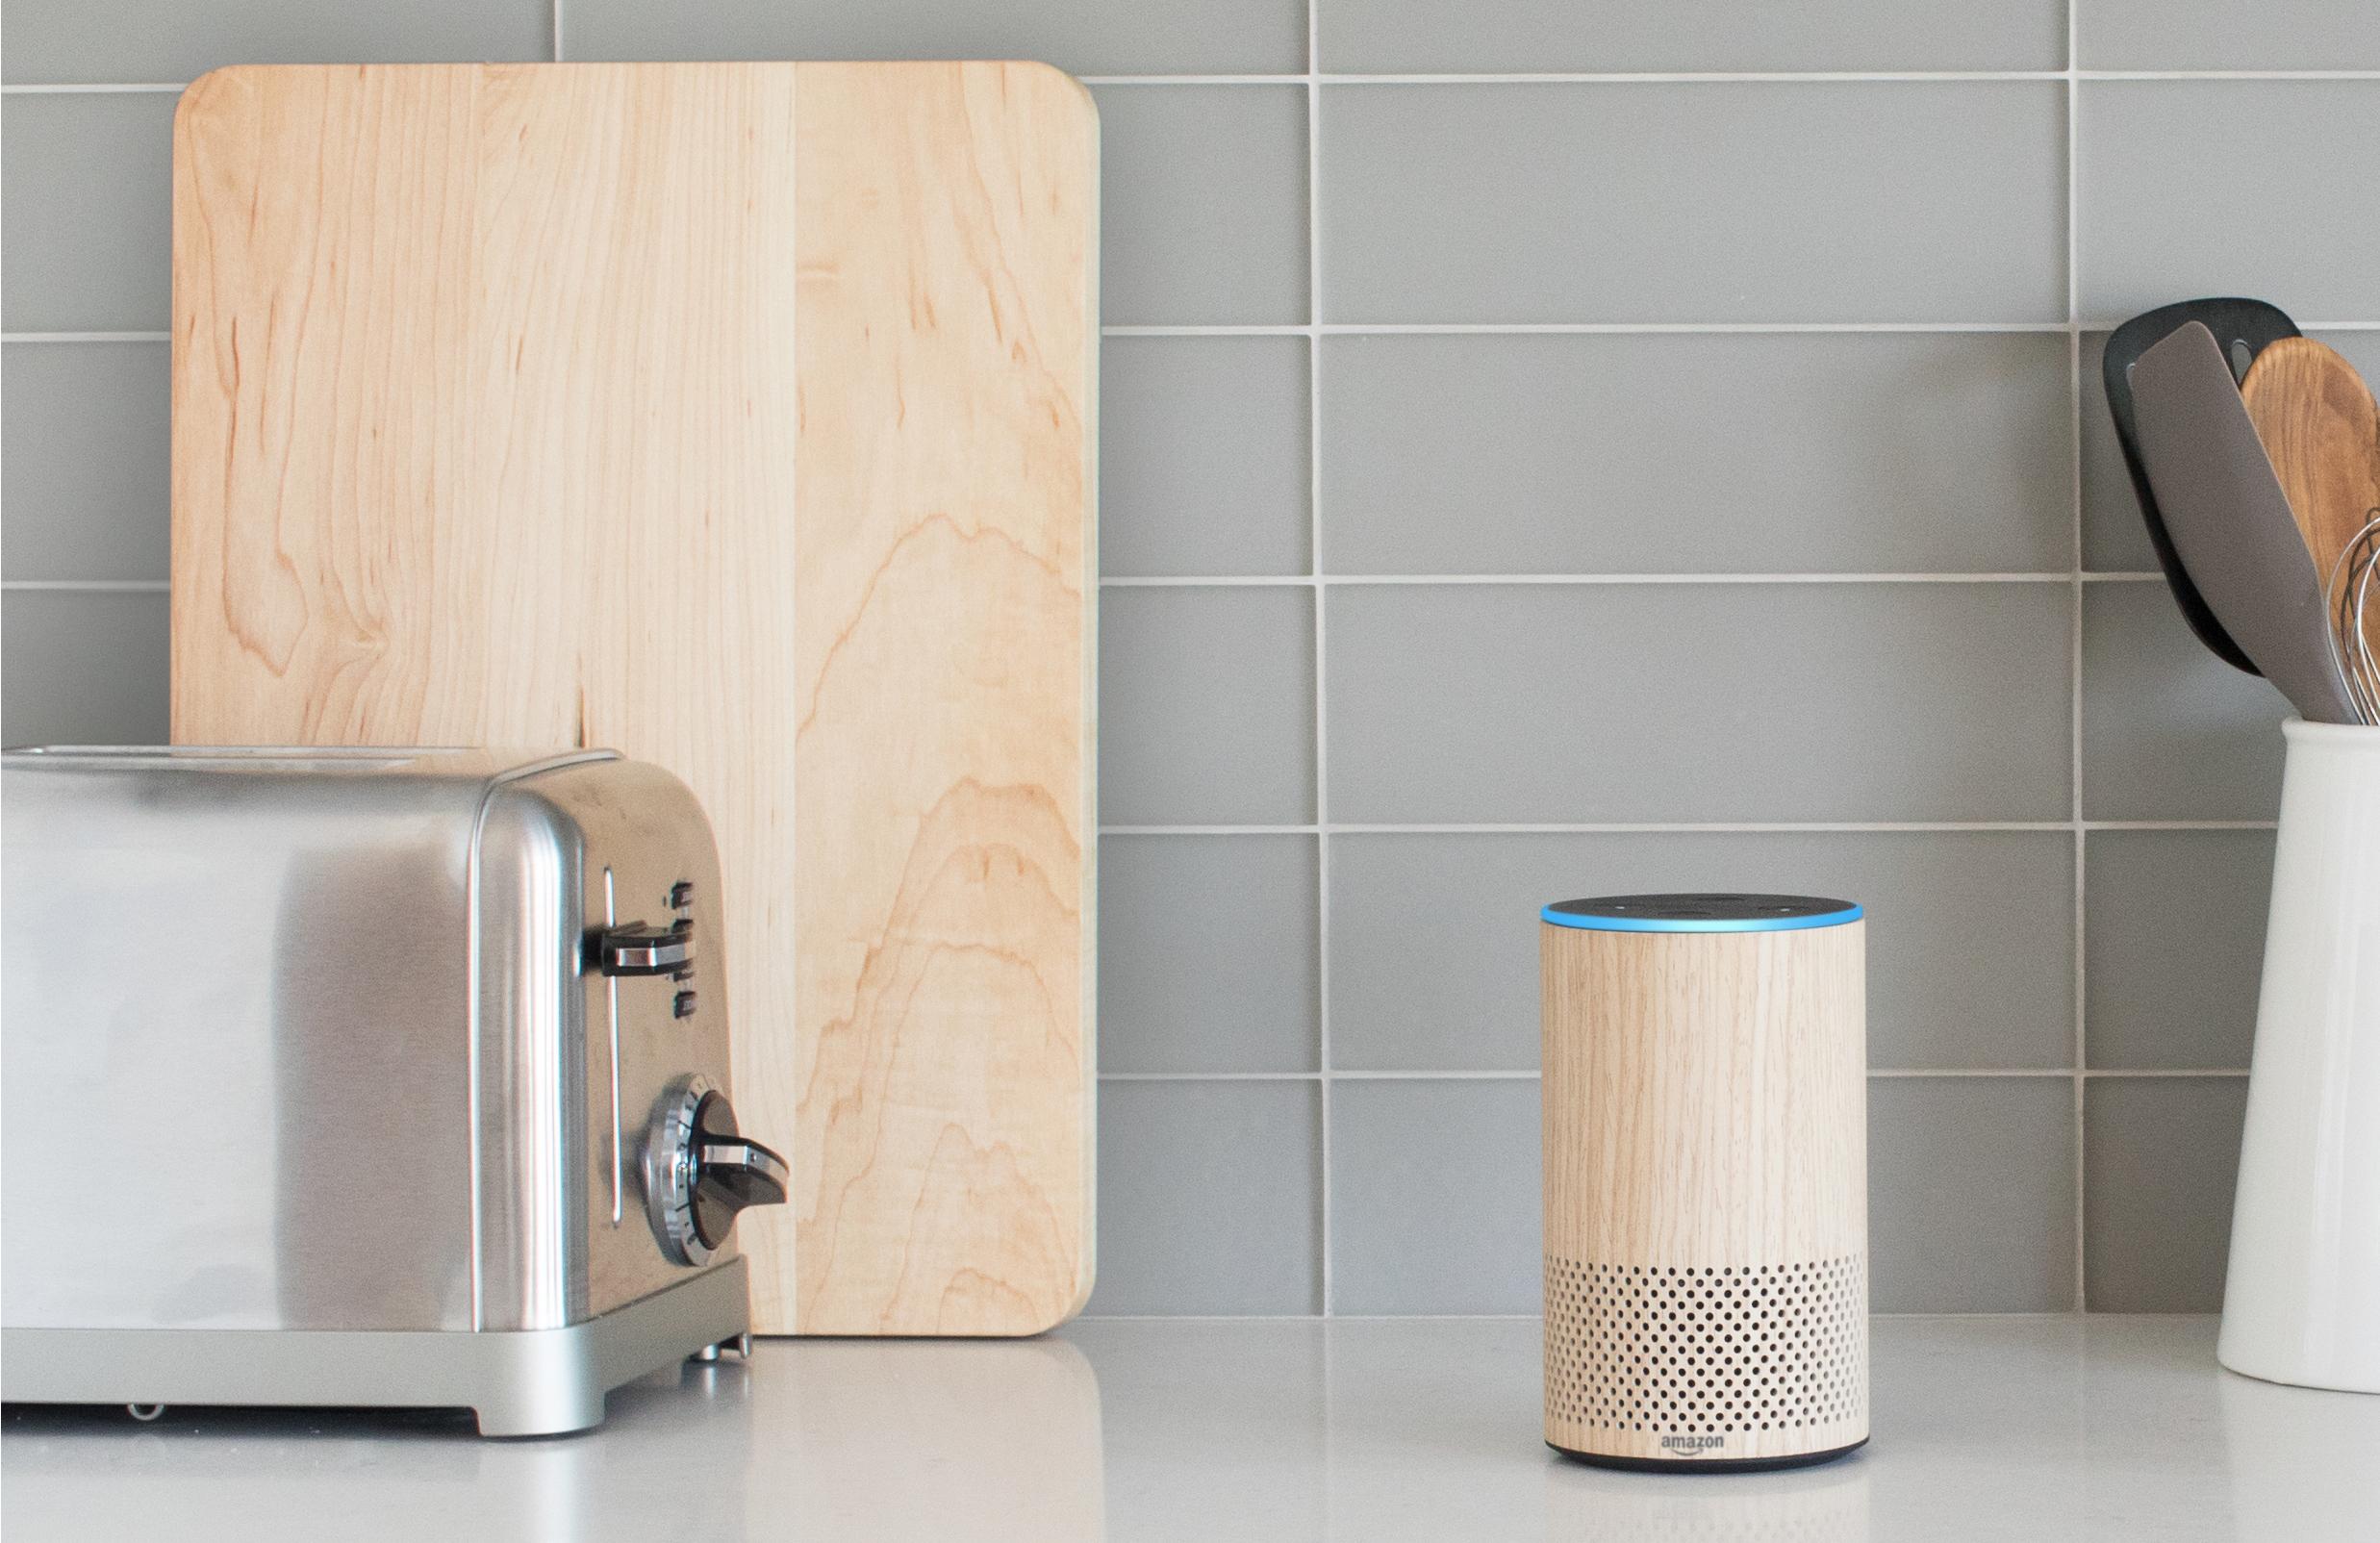 Amazon Echo on a kitchen counter